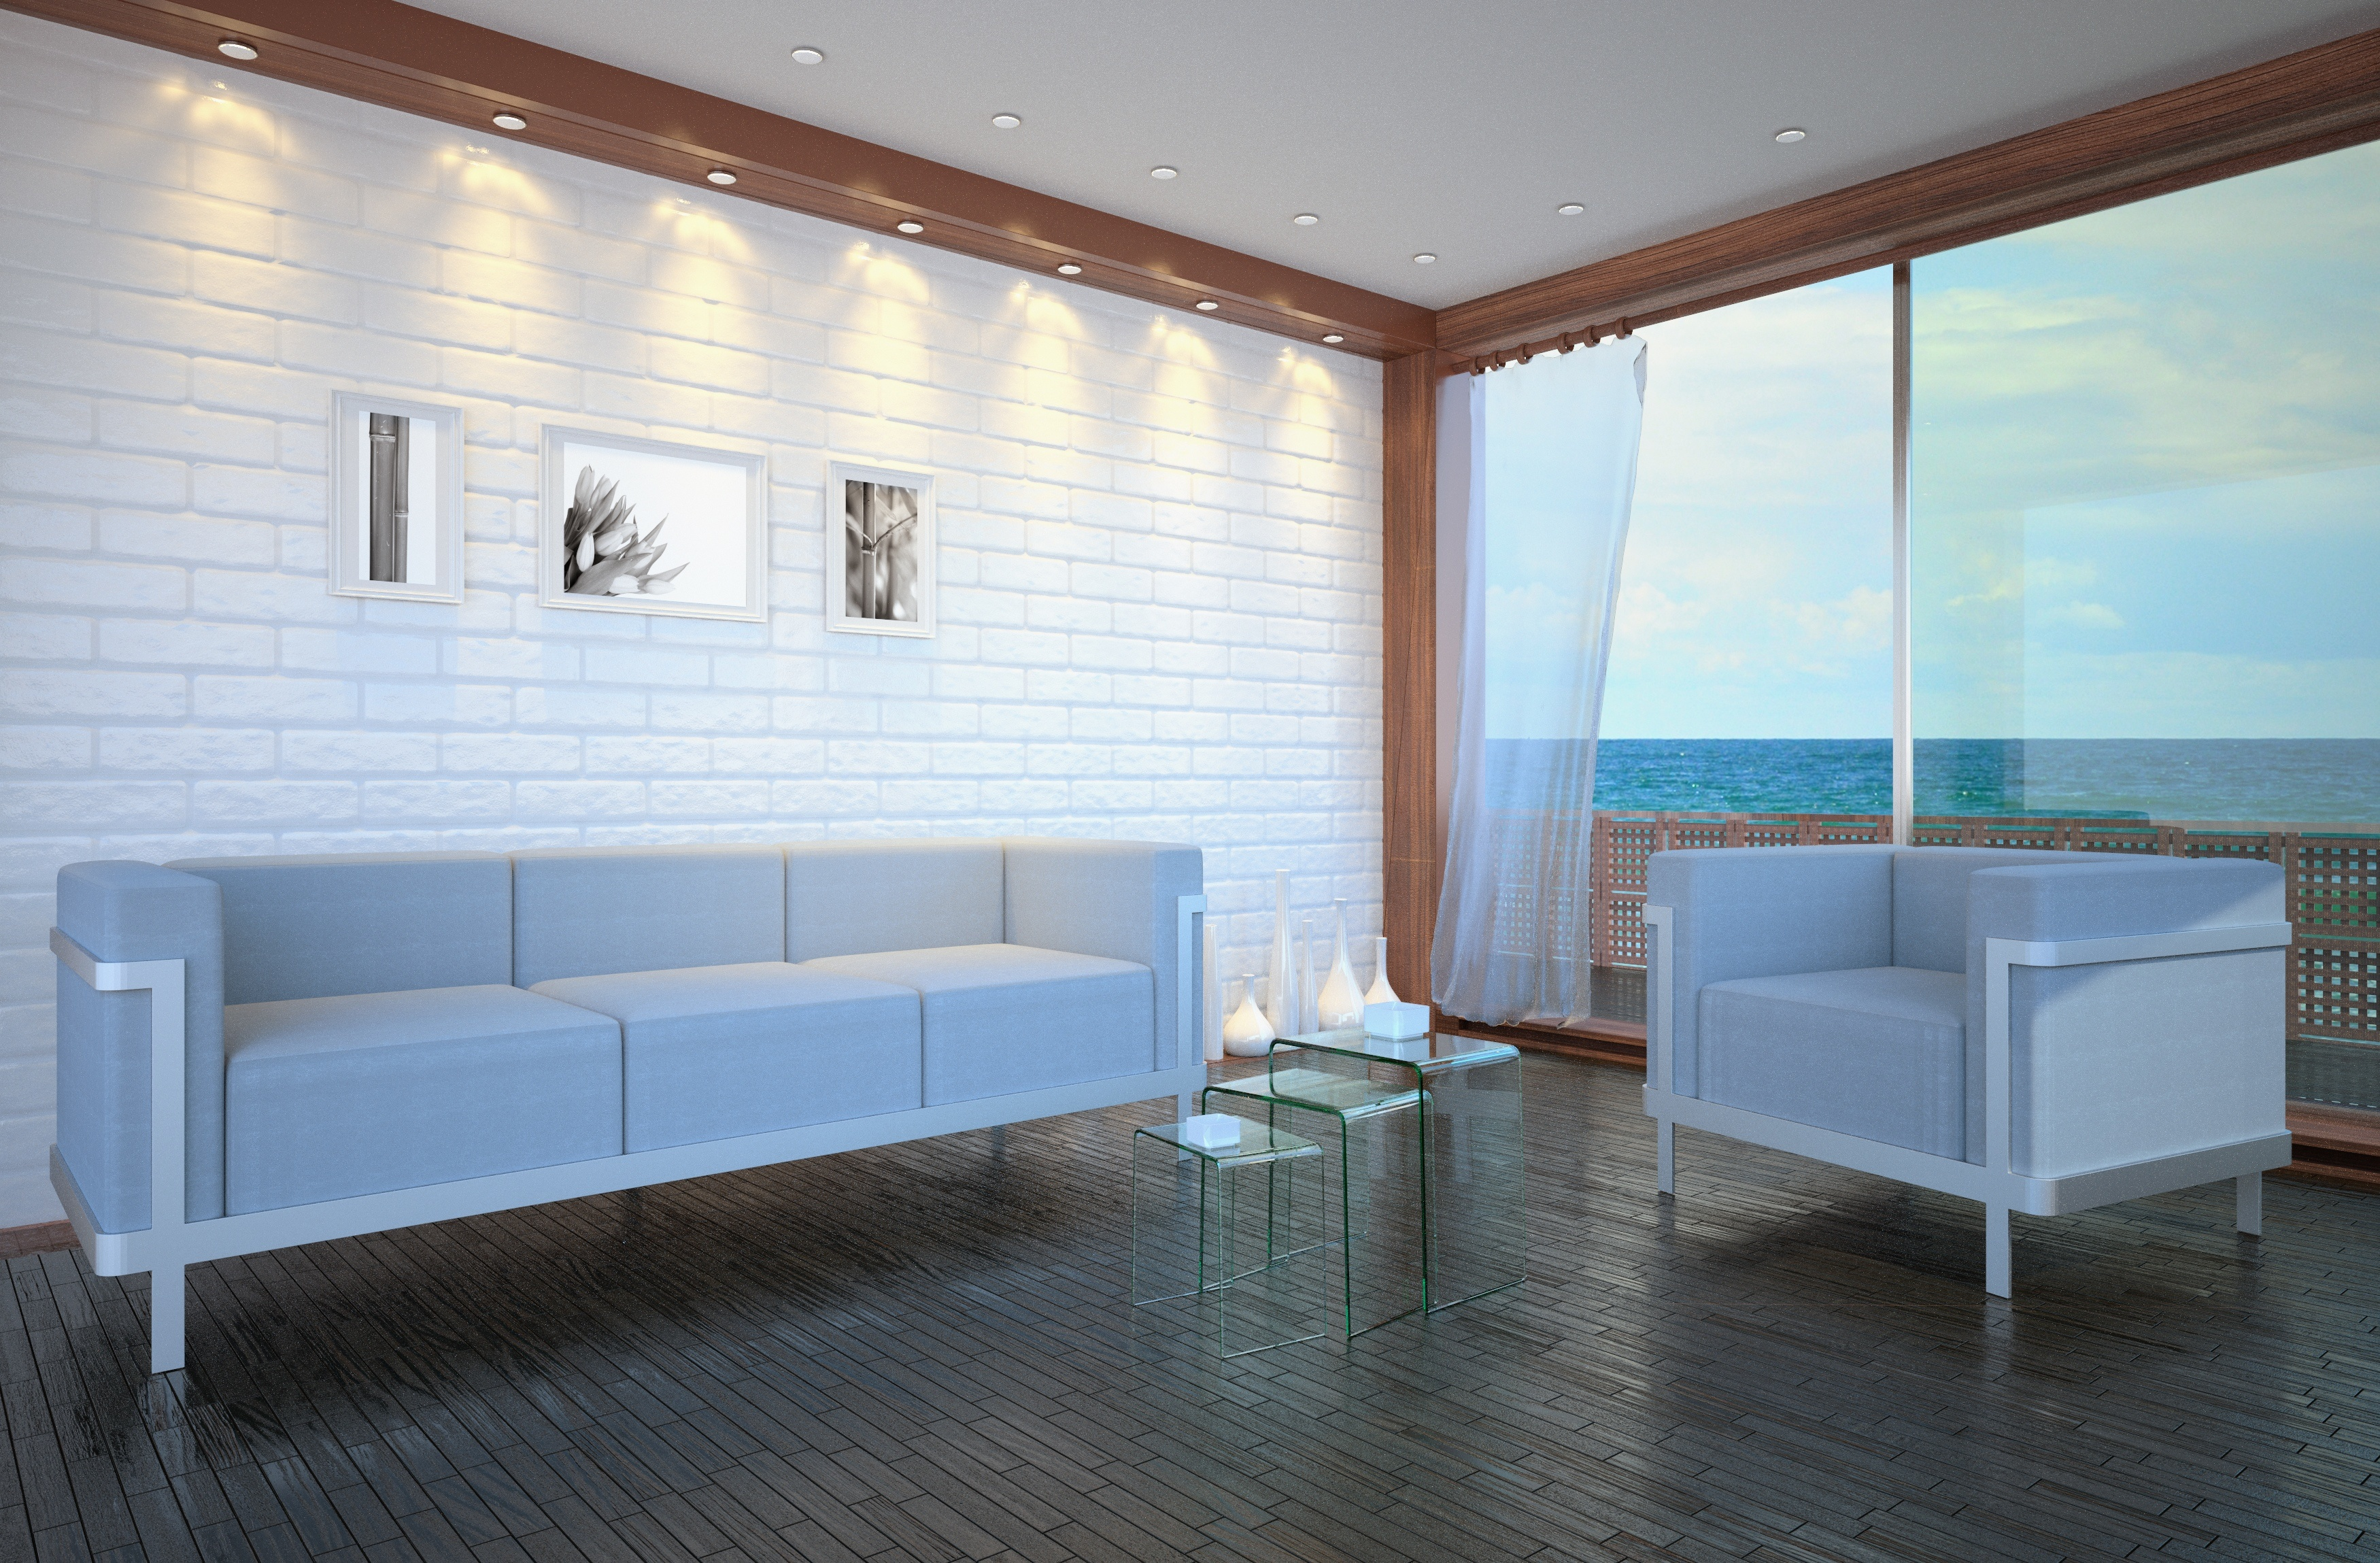 Arredamento della case vacanze al mare